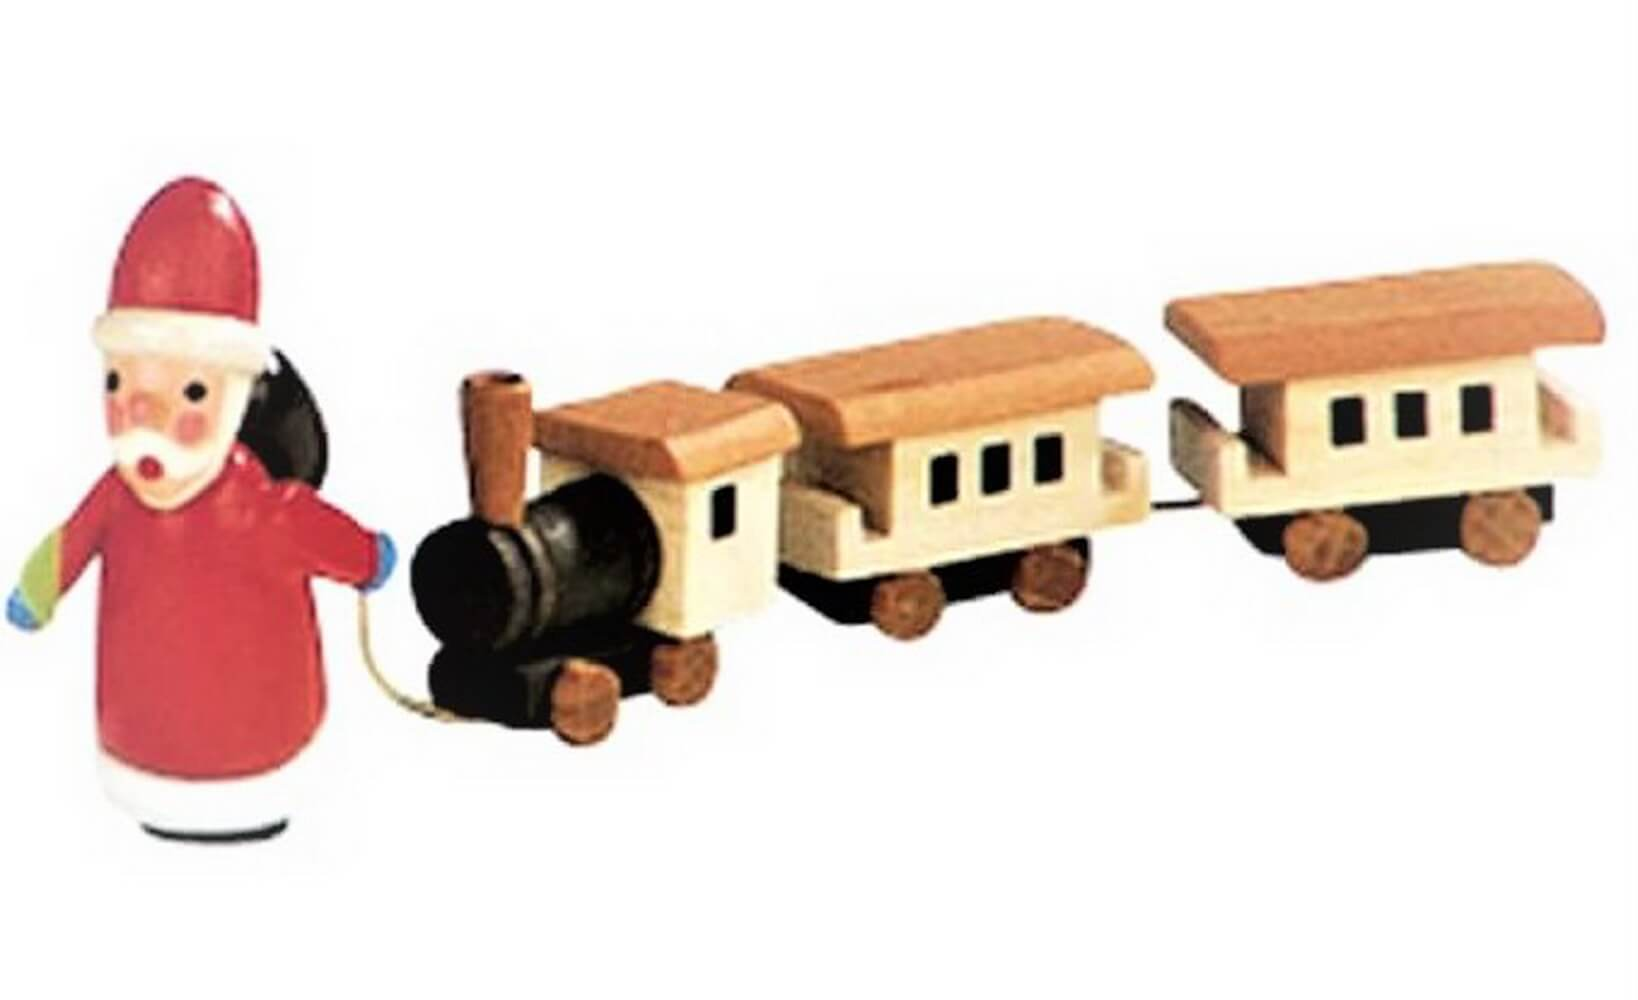 Knuth Neuber, Weihnachtsmann mit Eisenbahn